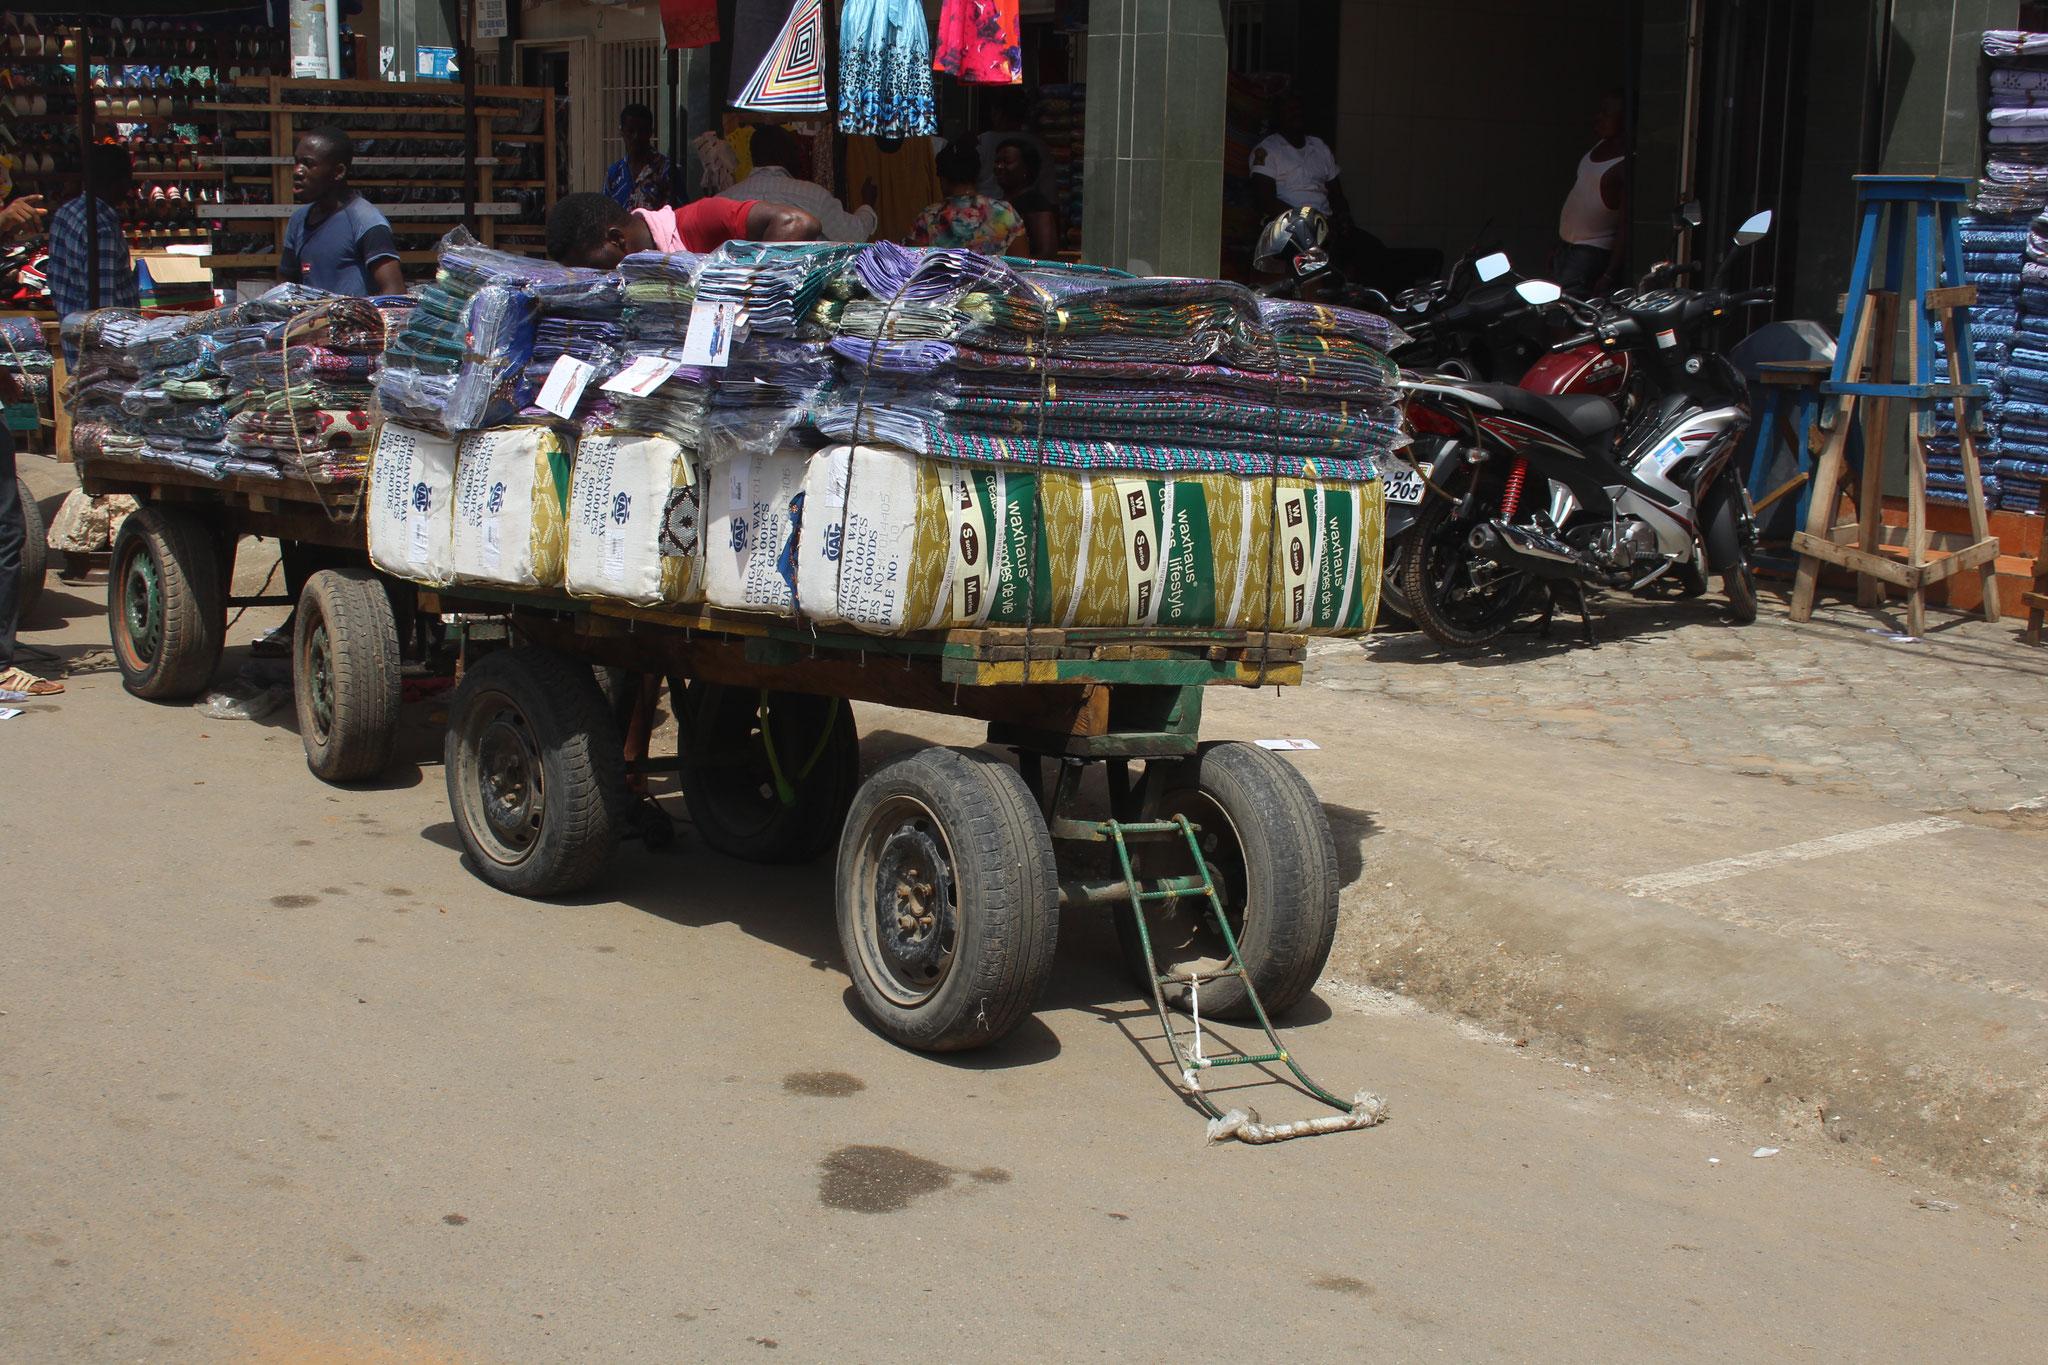 Dies ist ein Pus-Pus. Das Transporttaxi auf dem Markt.